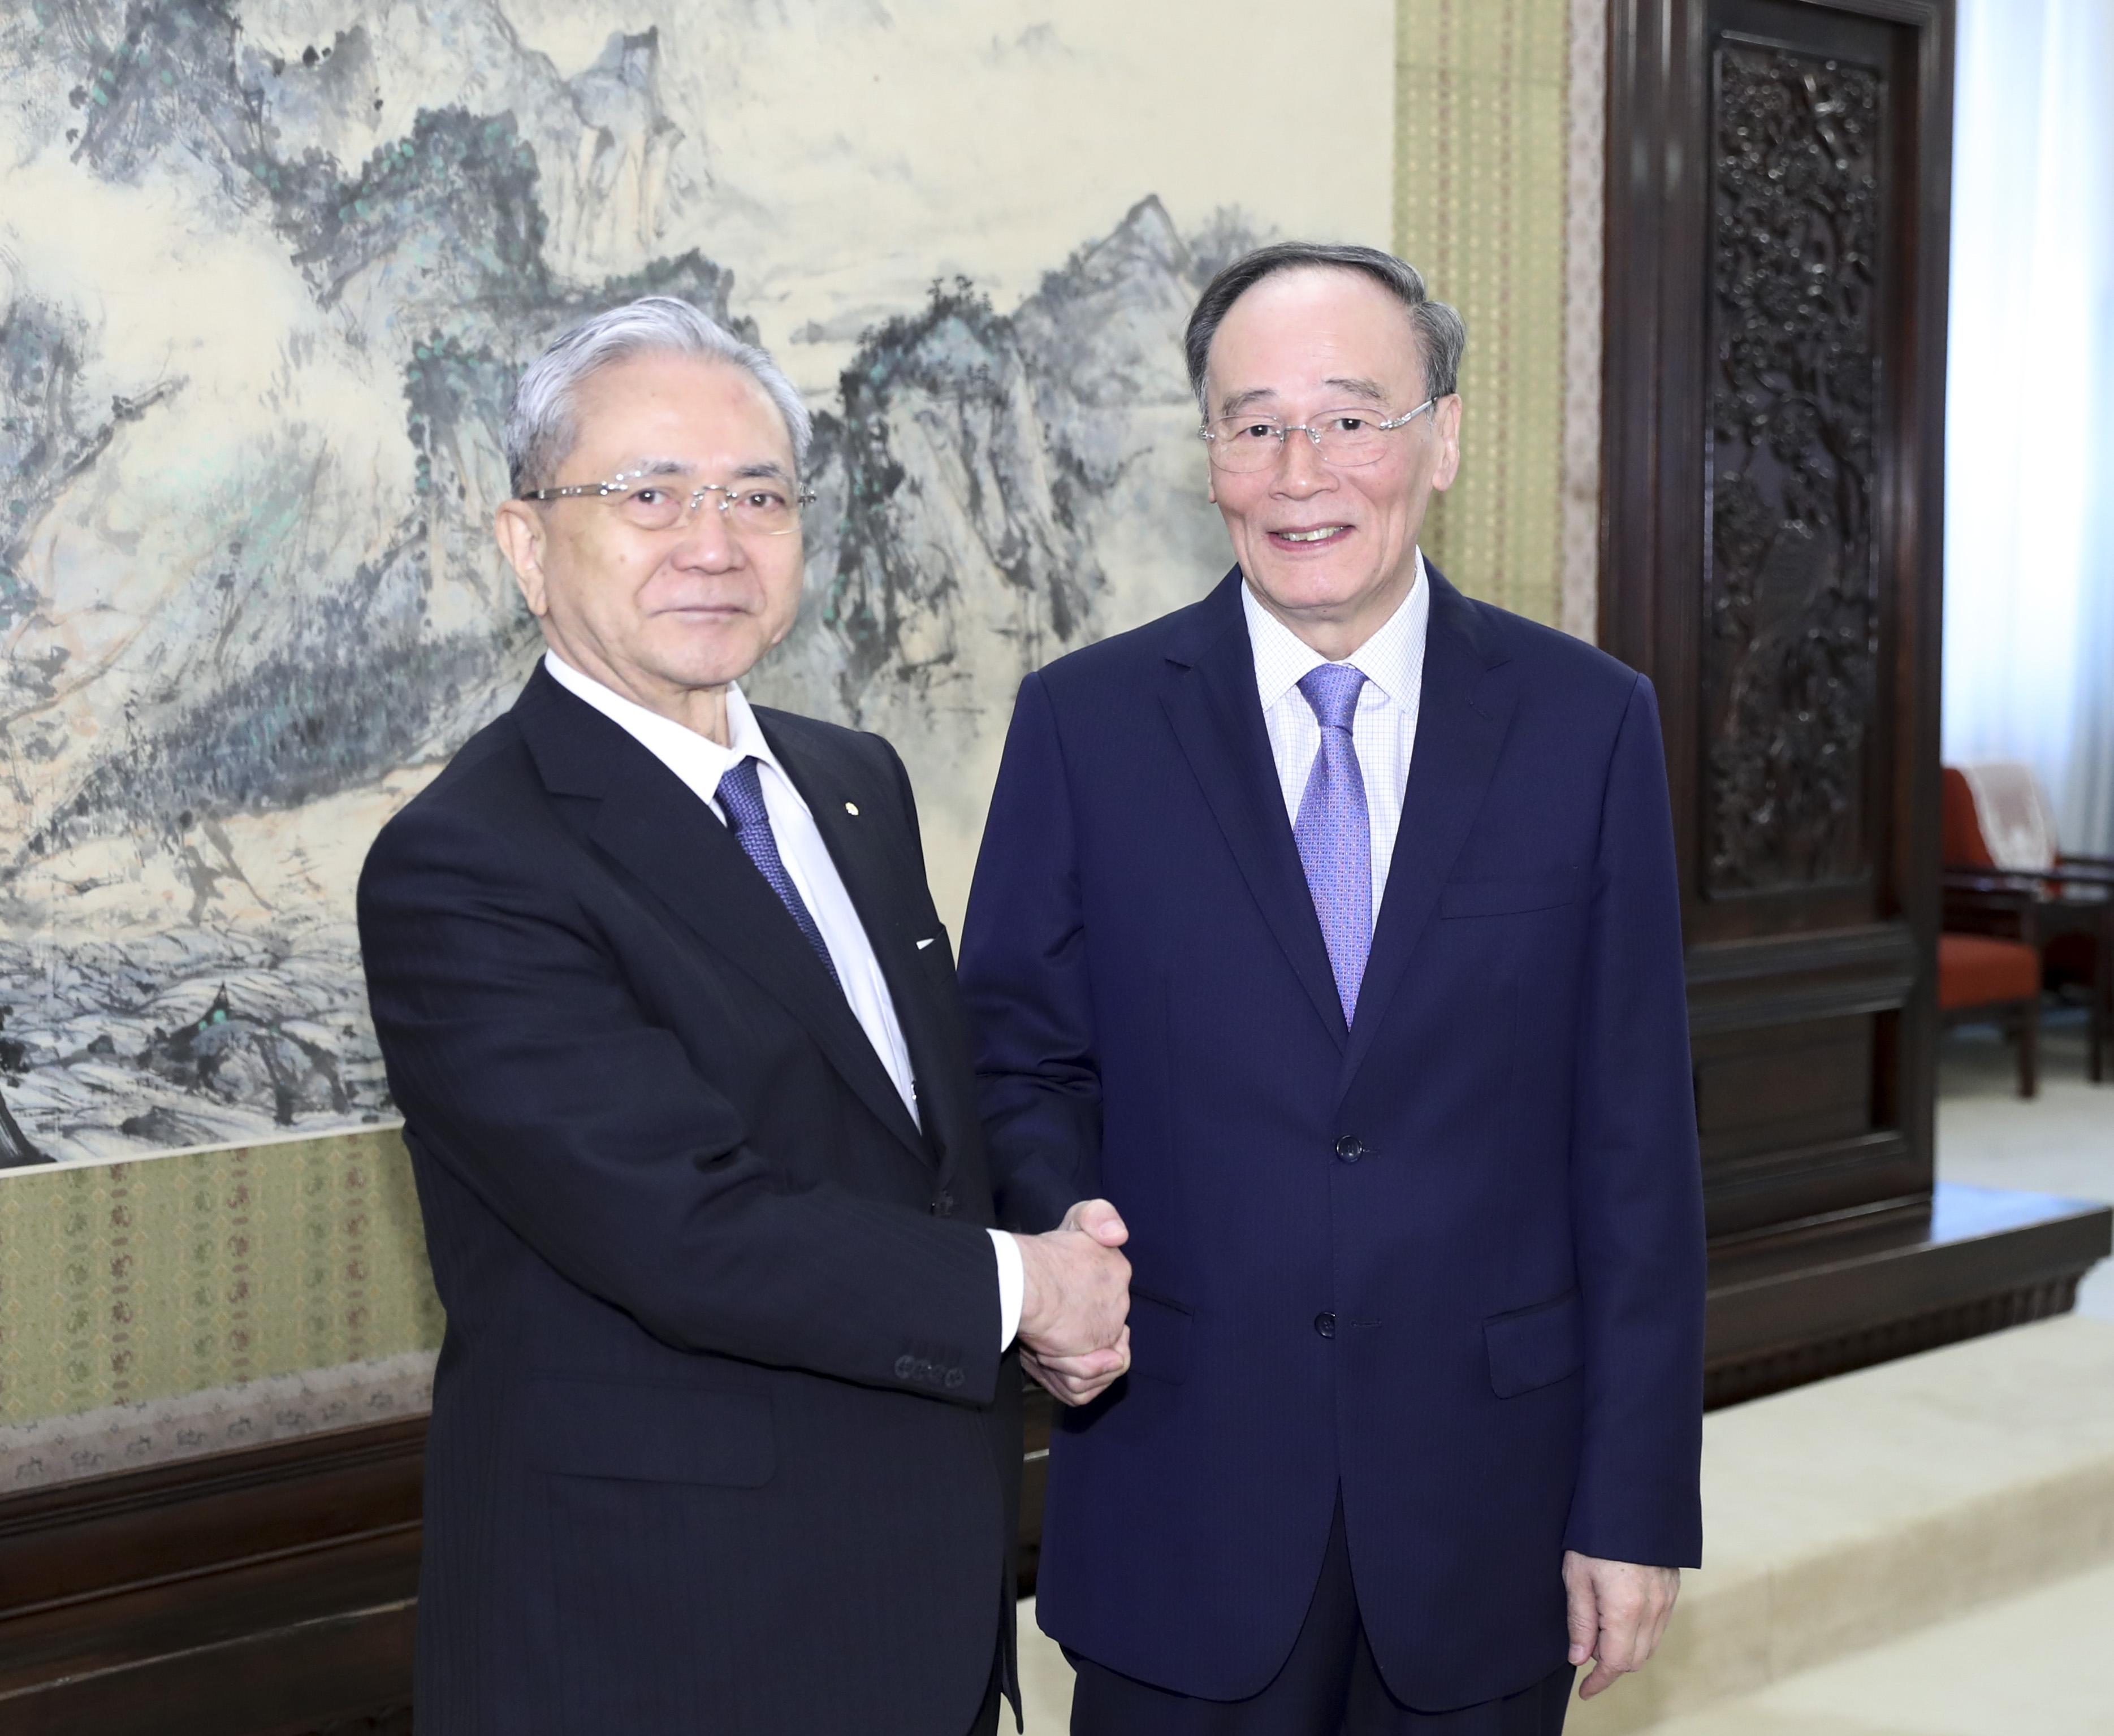 天皇即位式典出席の王岐山副主席、日本の指導者と会見へ